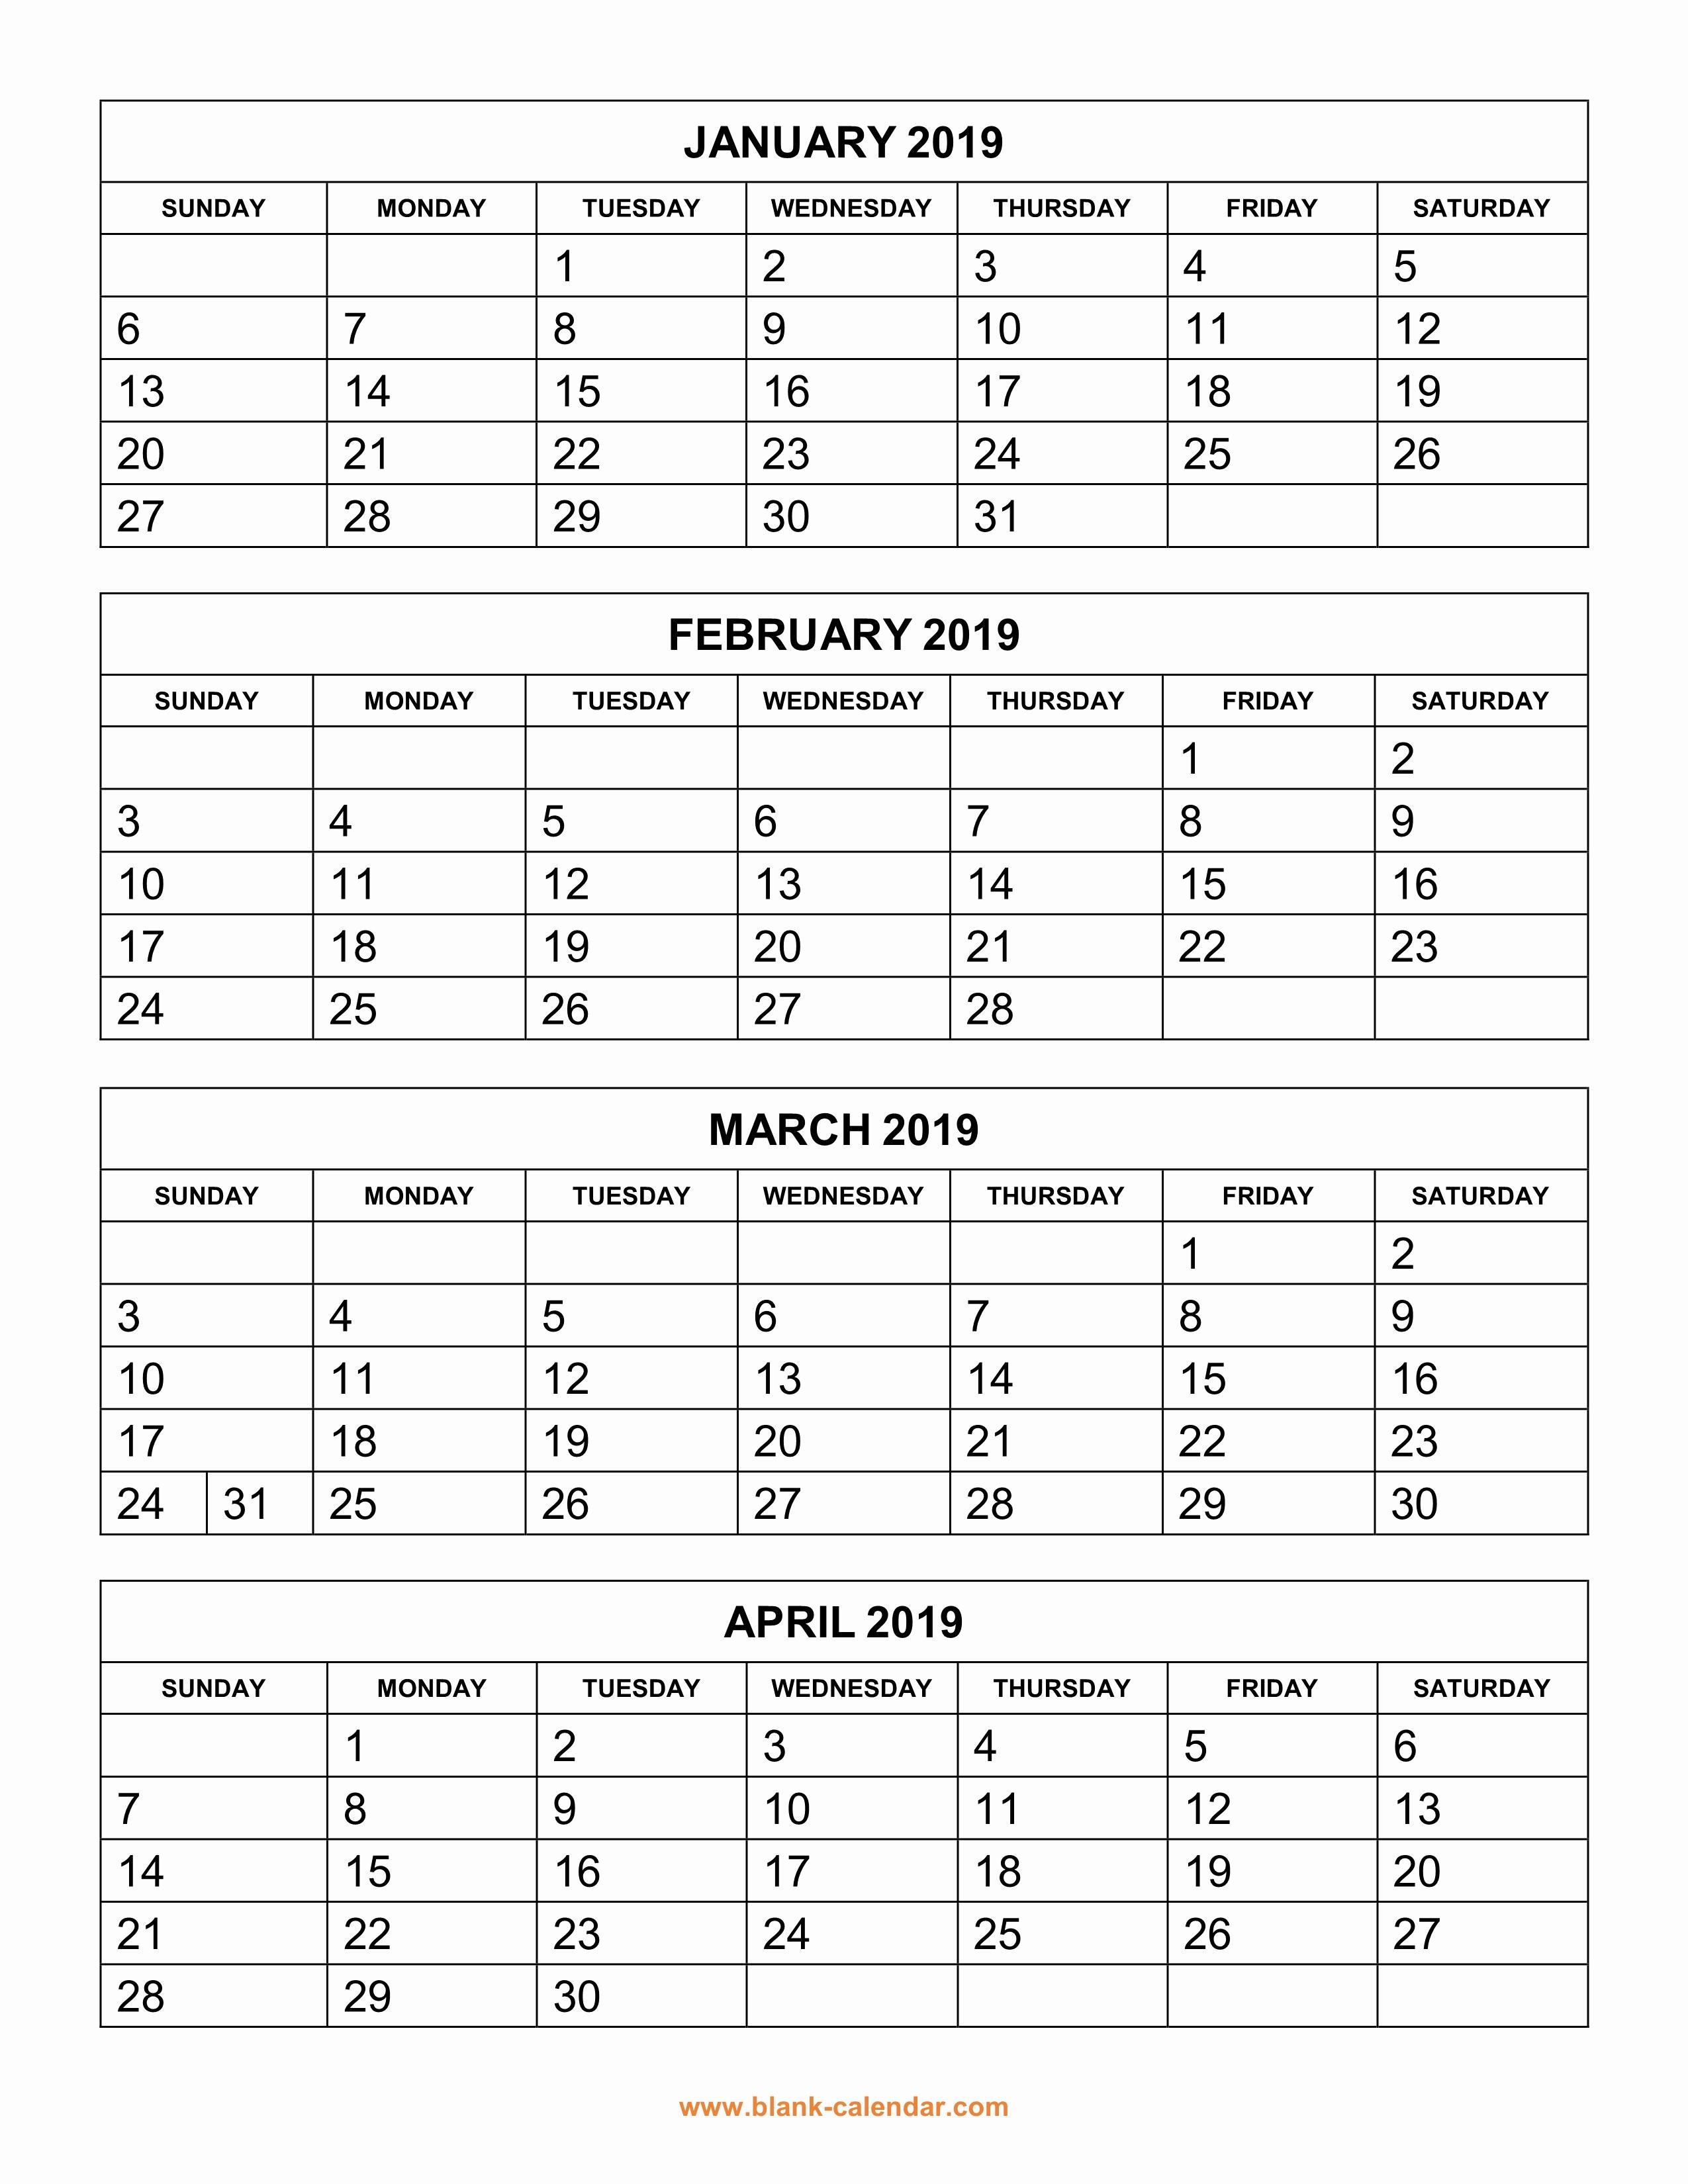 2019 Printable Calendar by Month Elegant Free Download Printable Calendar 2019 4 Months Per Page